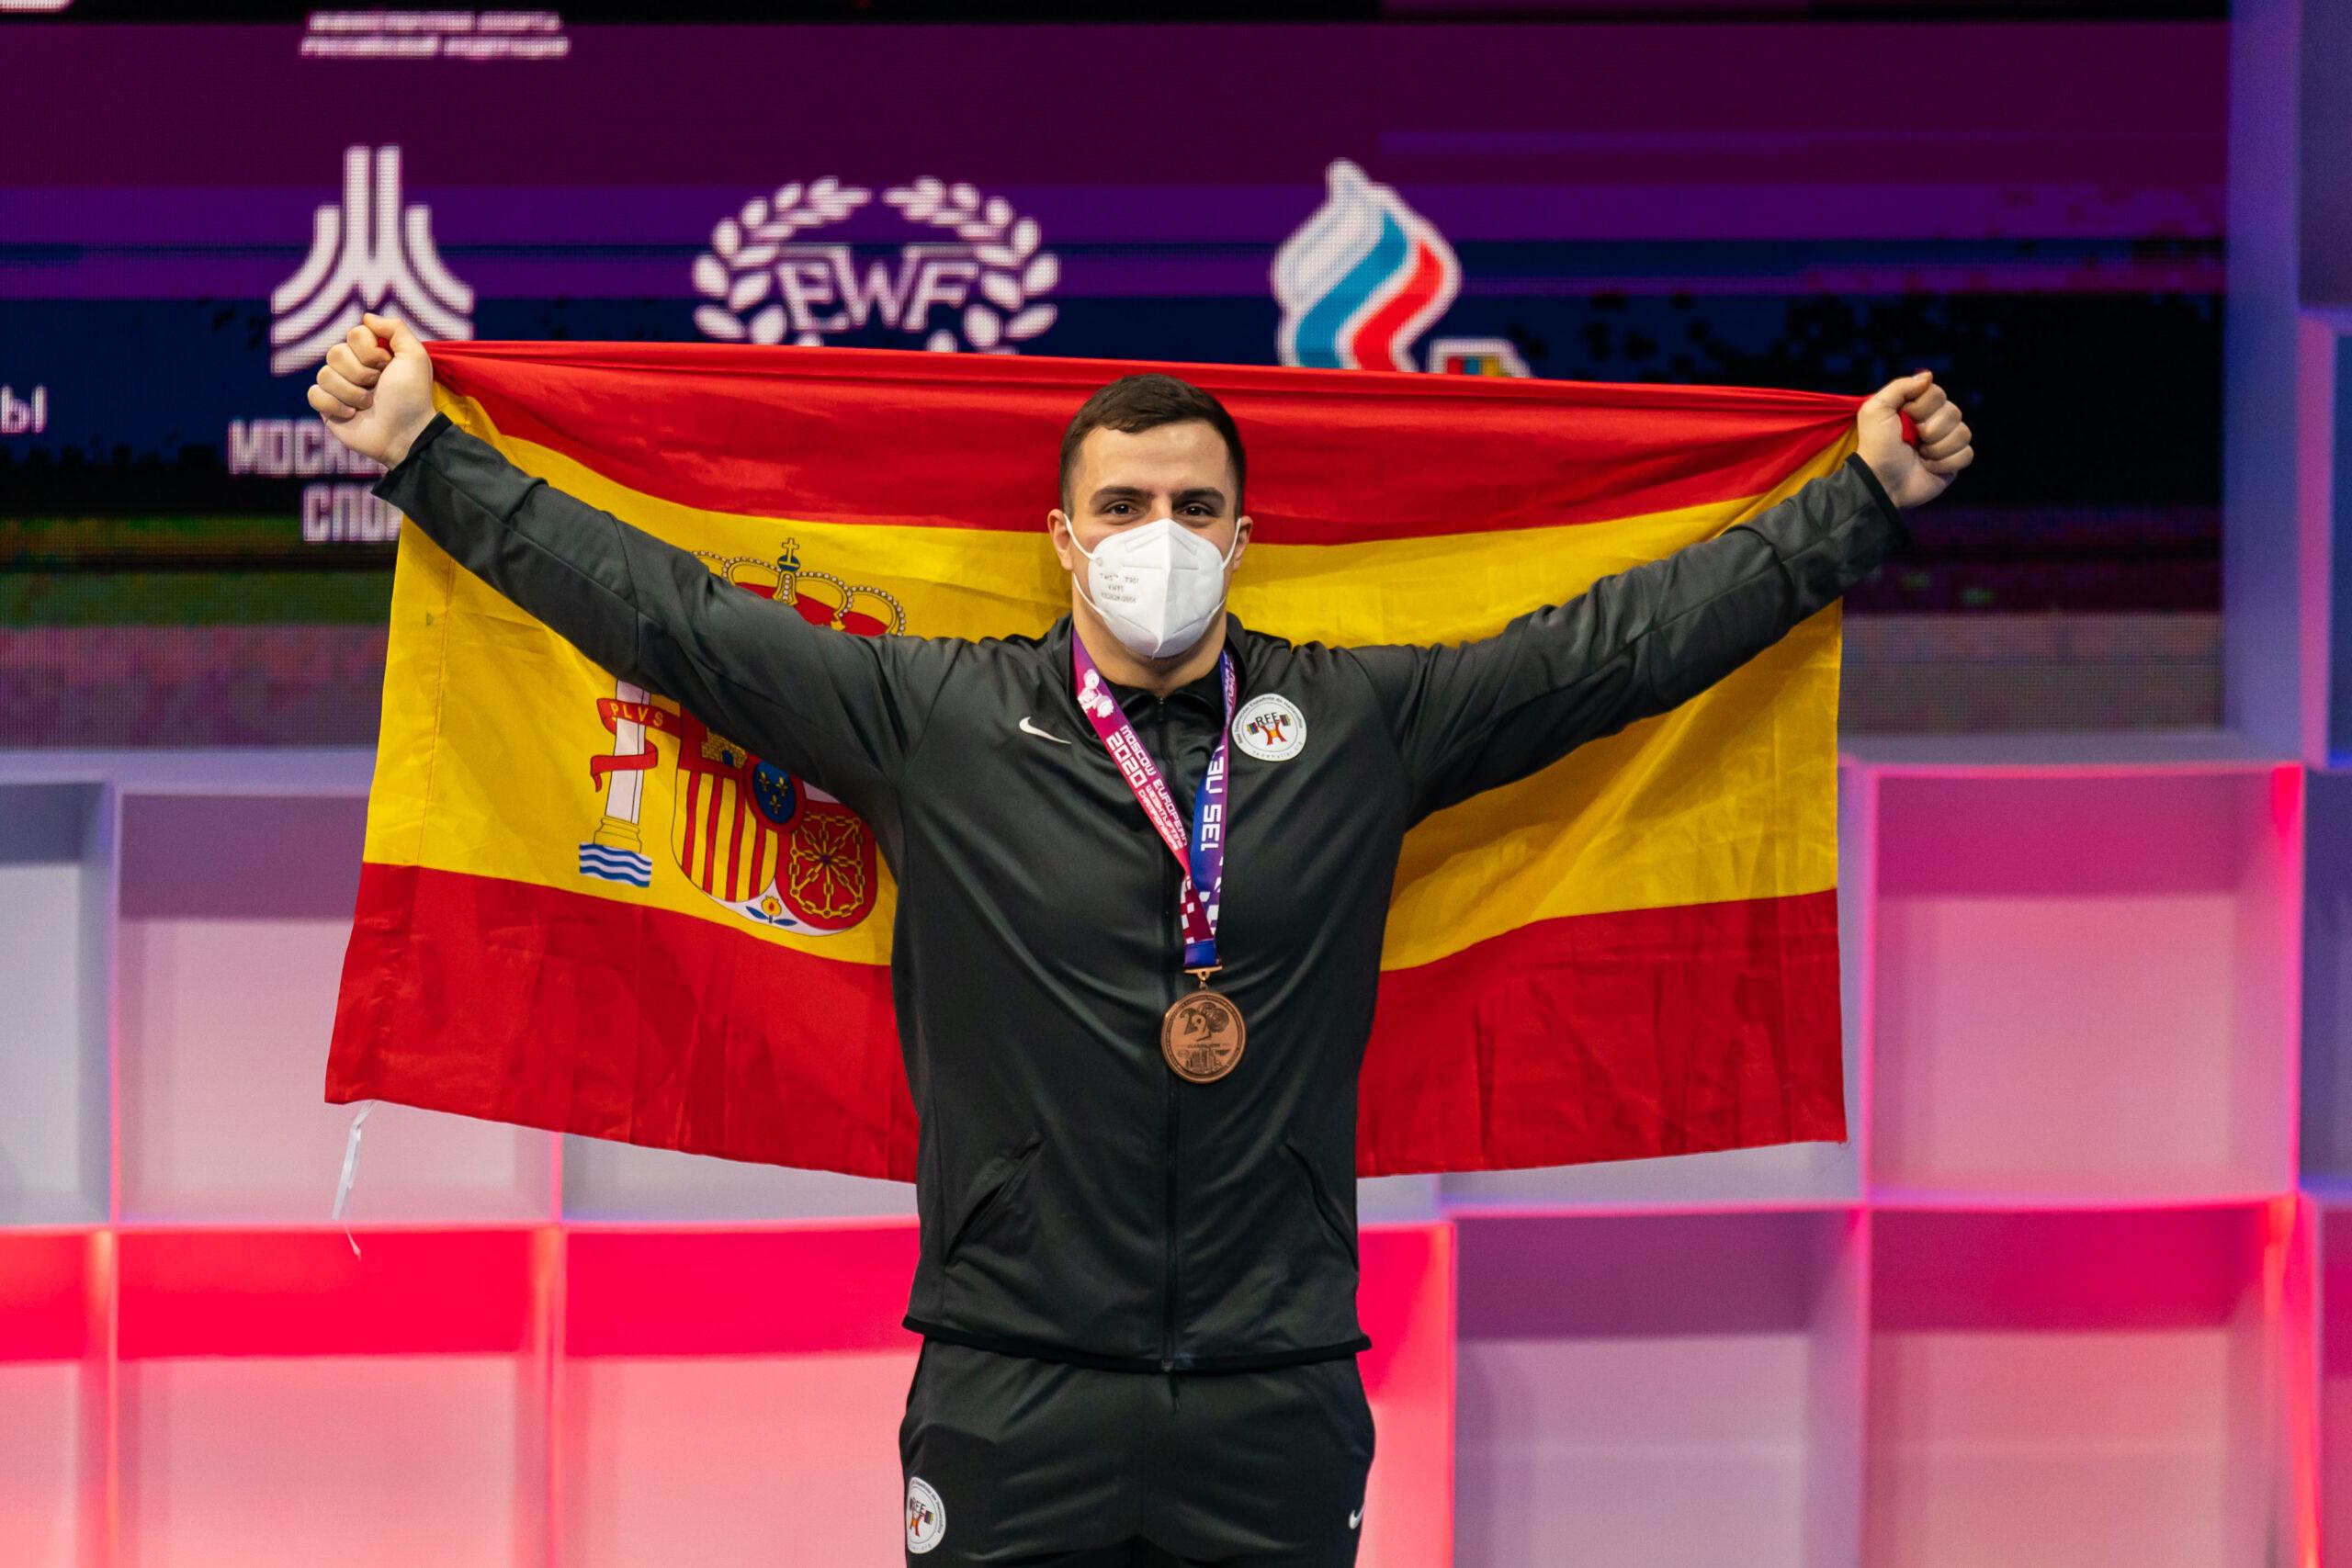 Marcos Ruiz cierra la participación española en los Europeos de Moscú con una medalla de bronce en dos tiempos.